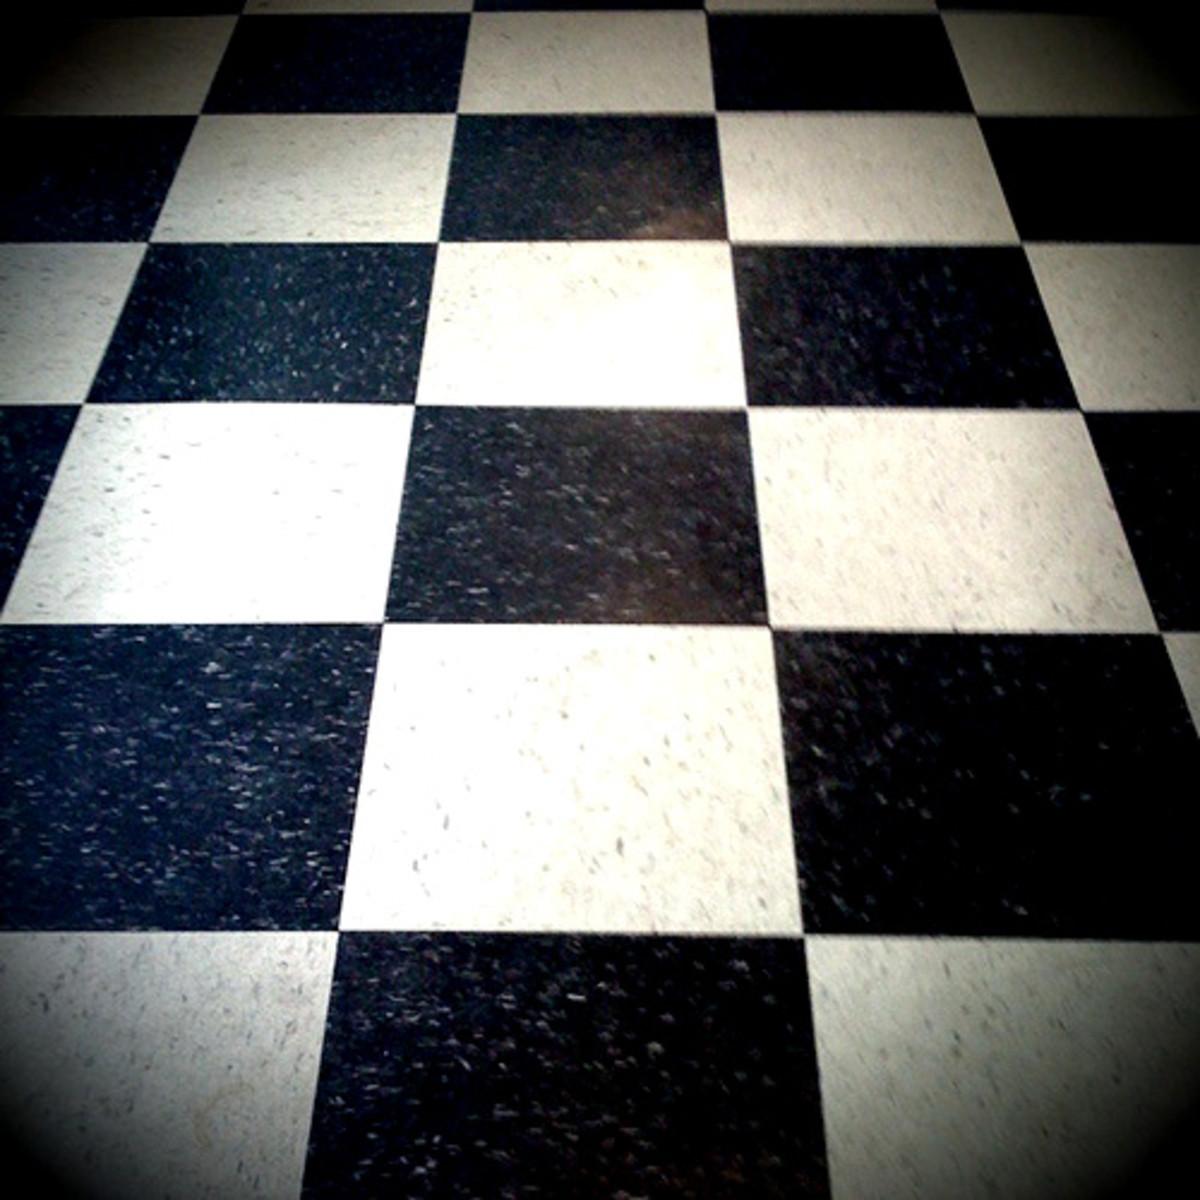 Deco-style linoleum checkerboard floor.